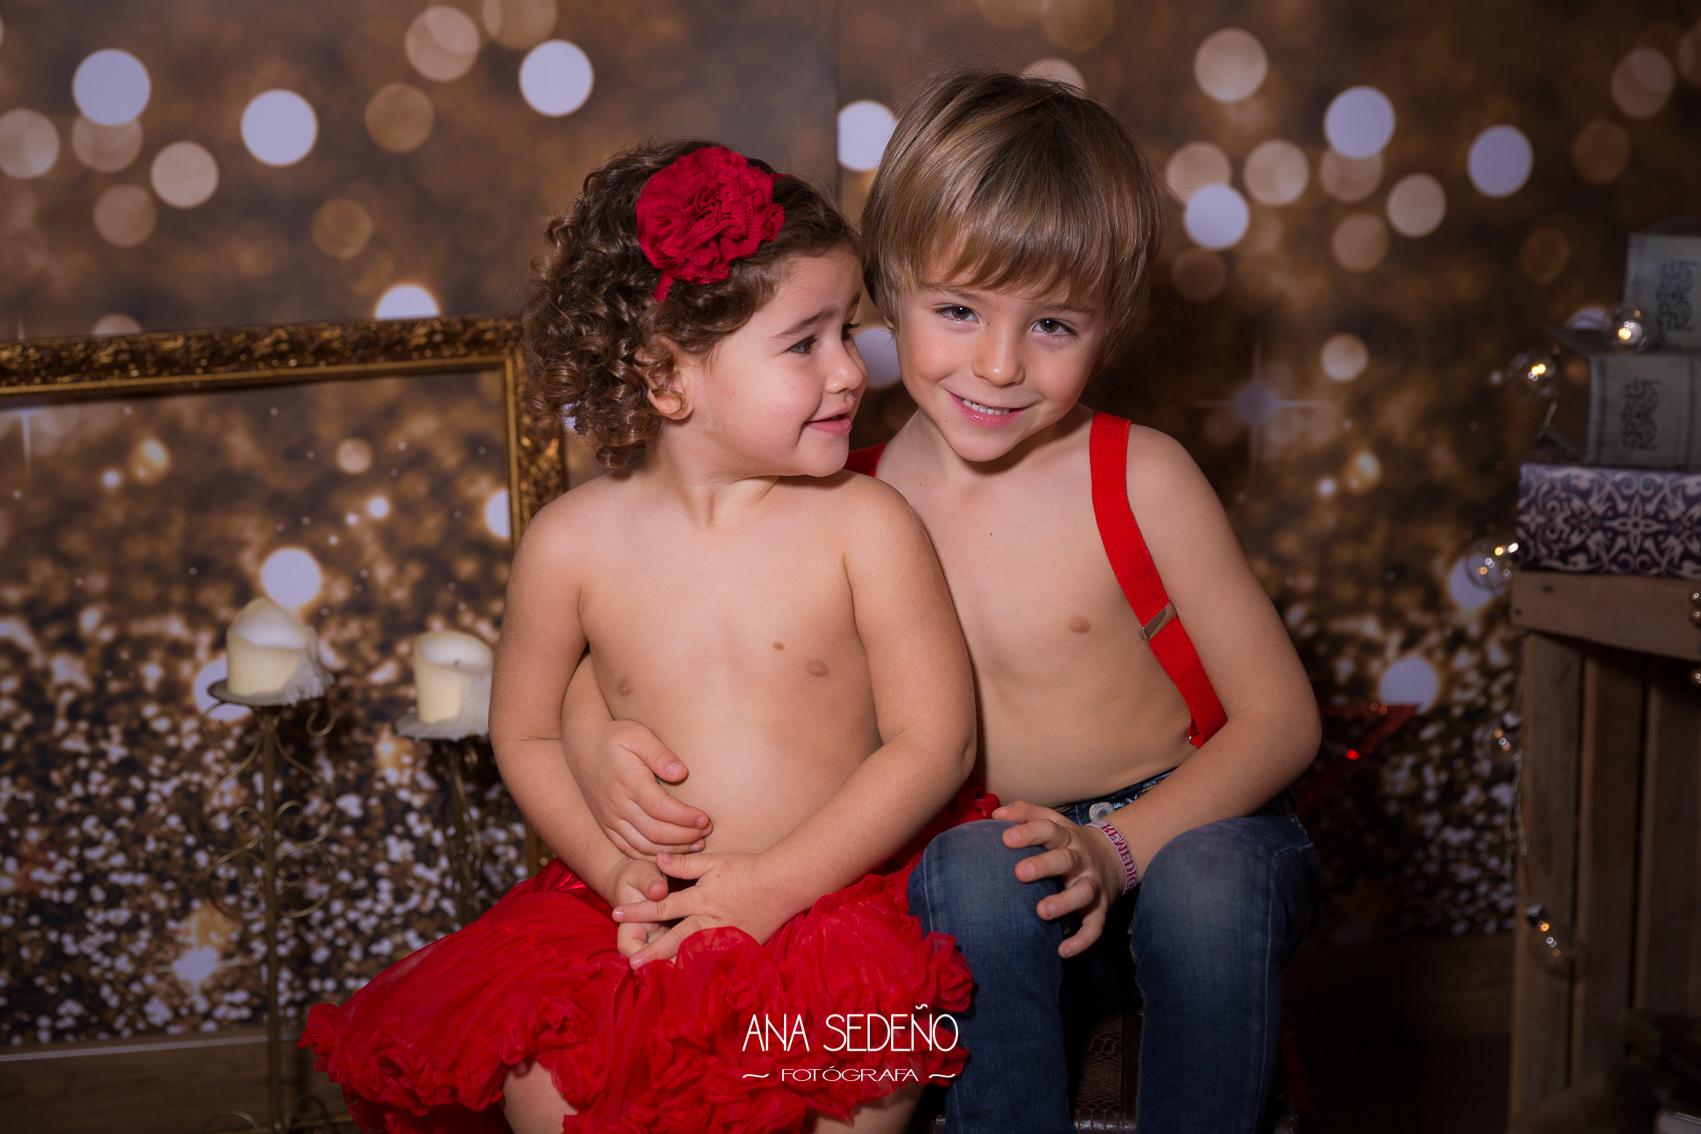 ana-seden%cc%83o-fotografa-asm_8394